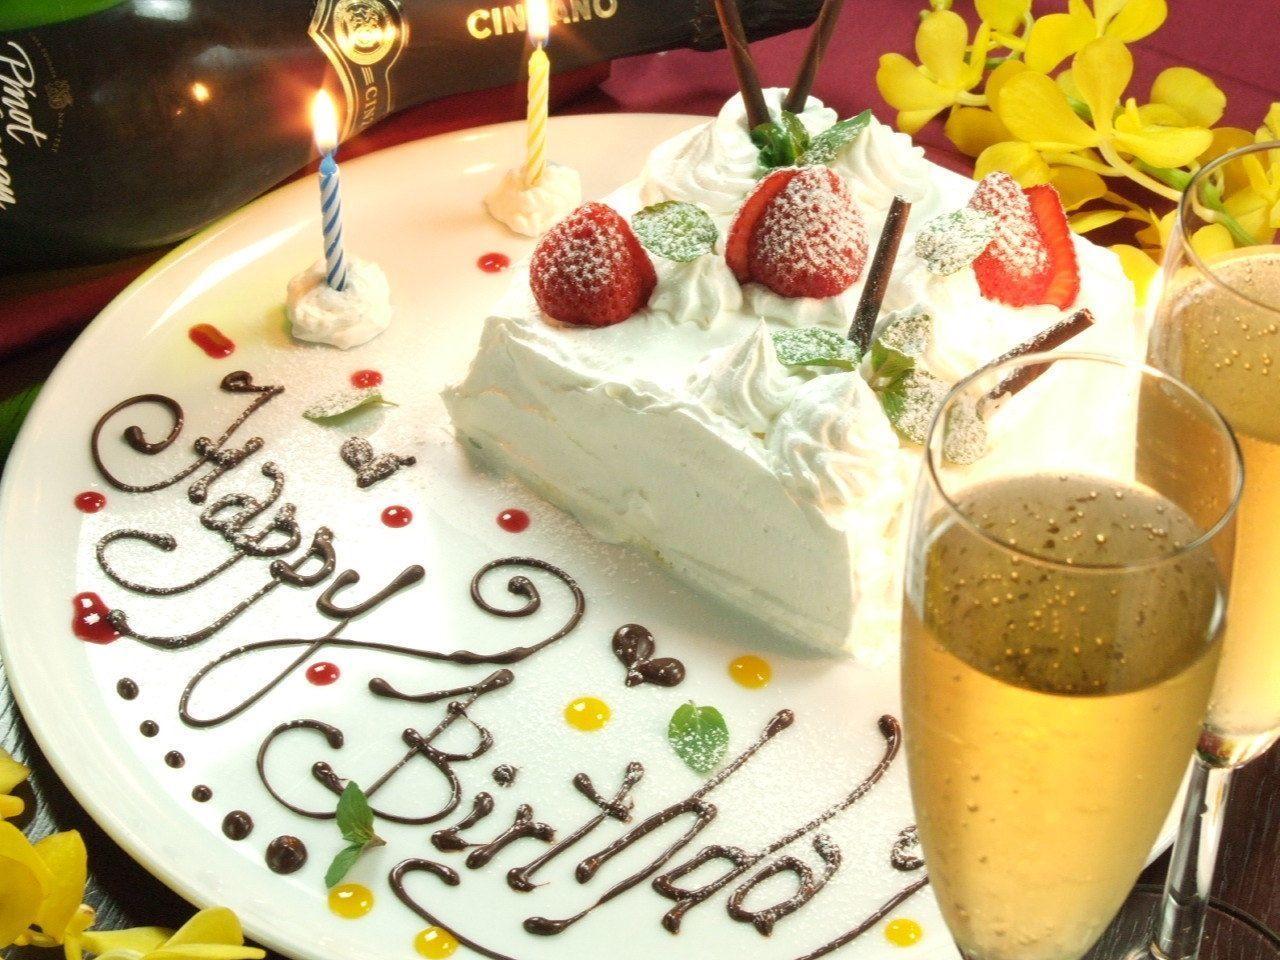 【千葉】誕生日や記念日に持って来い!千葉のおすすめディナー12選の画像